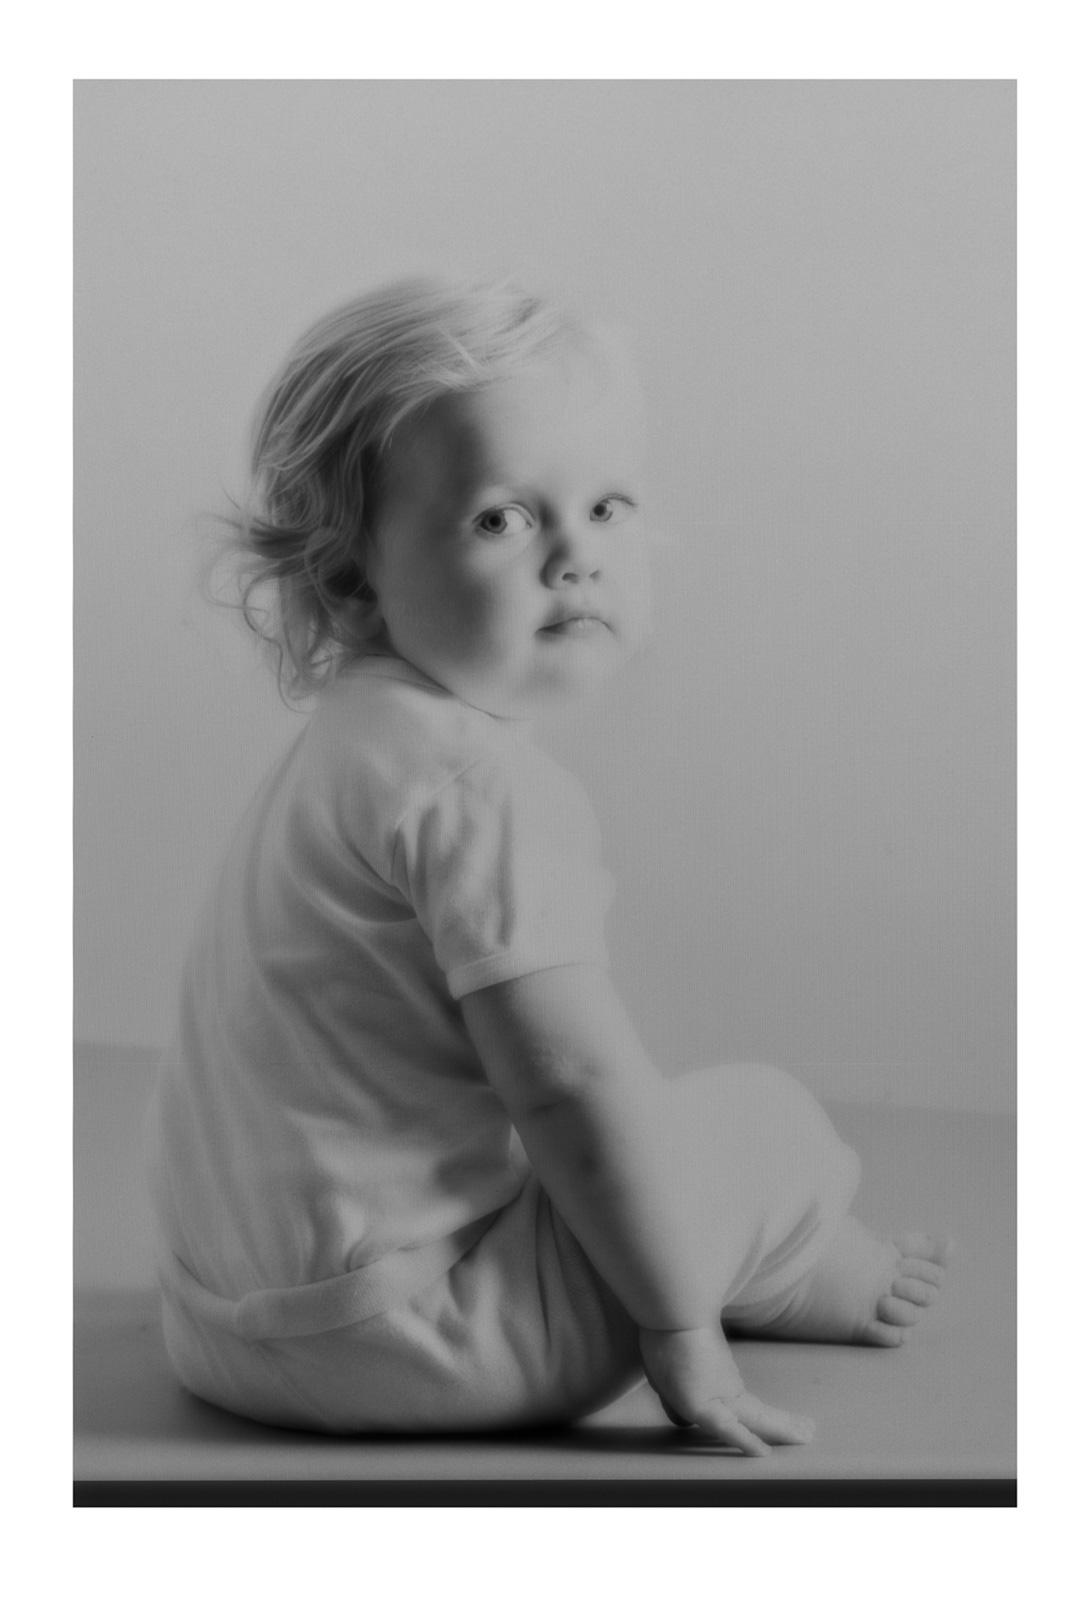 Her apples, your eyes, 2021, Archival inkjet print, 100 x 69 x 4,2 cm (framed), Ed. 5 + AP